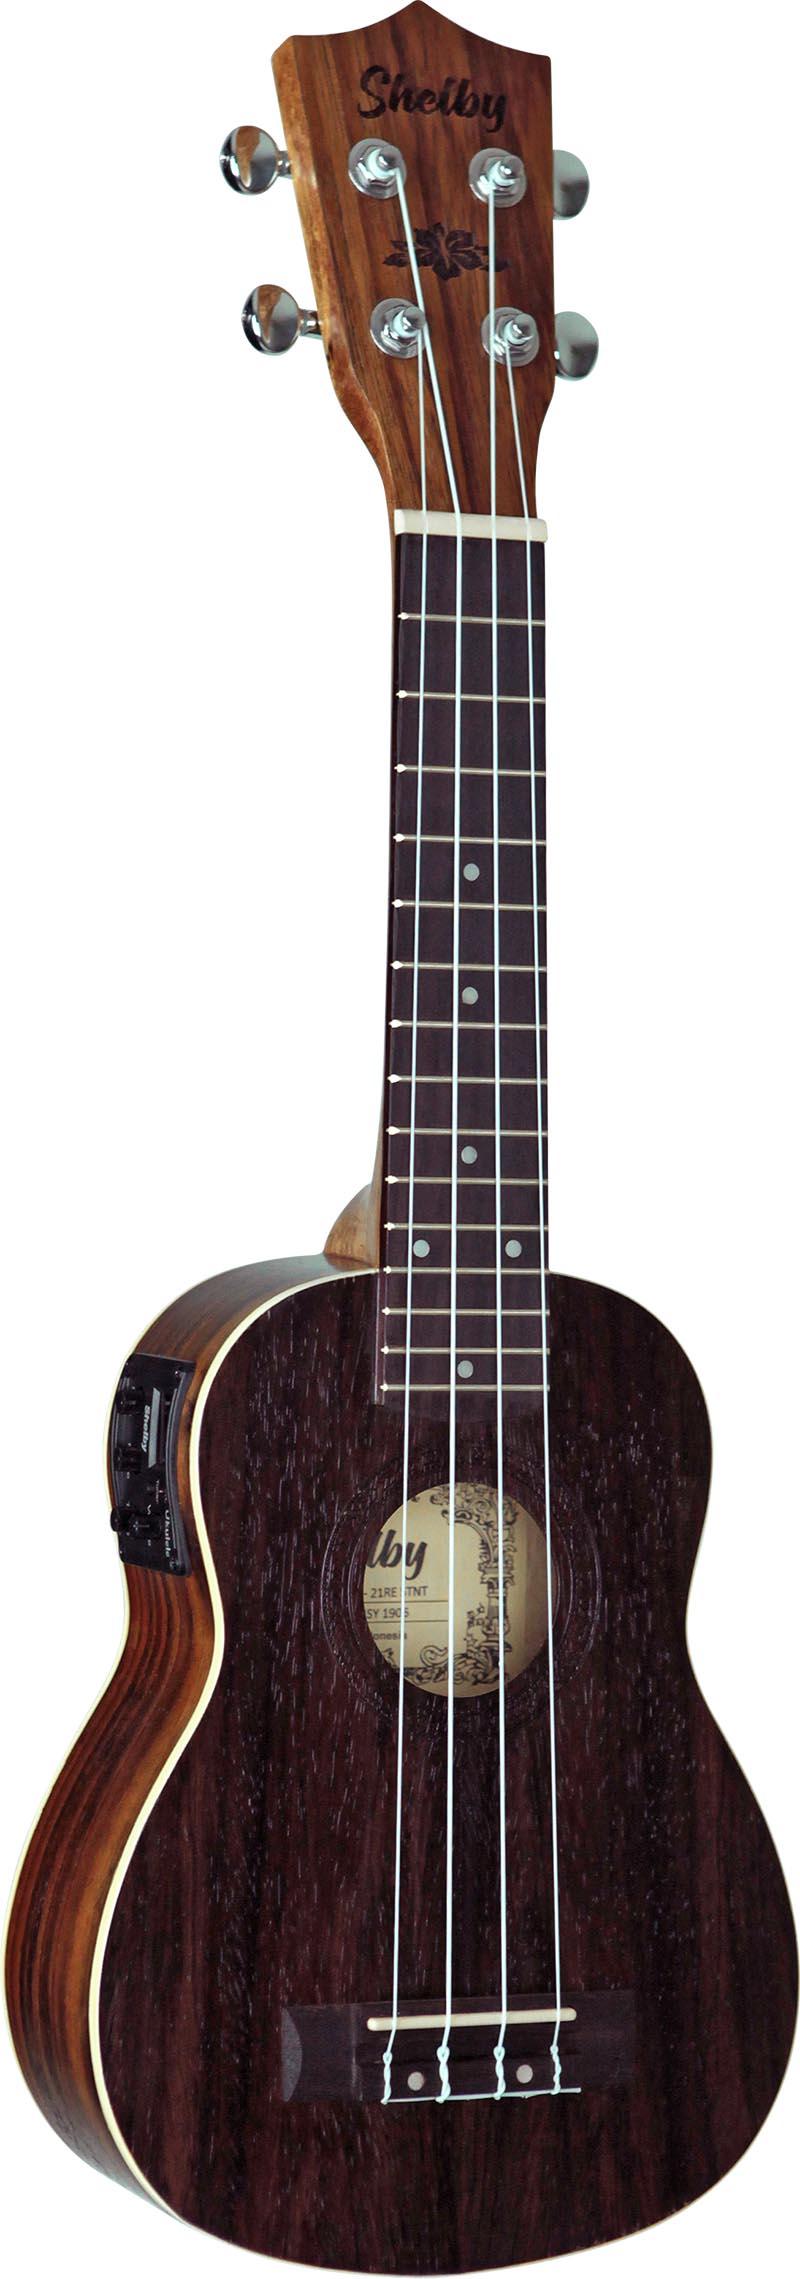 su21re ukulele soprano eletroacustico shelby su21re stnt jacaranda acetinado visao frontal vertical